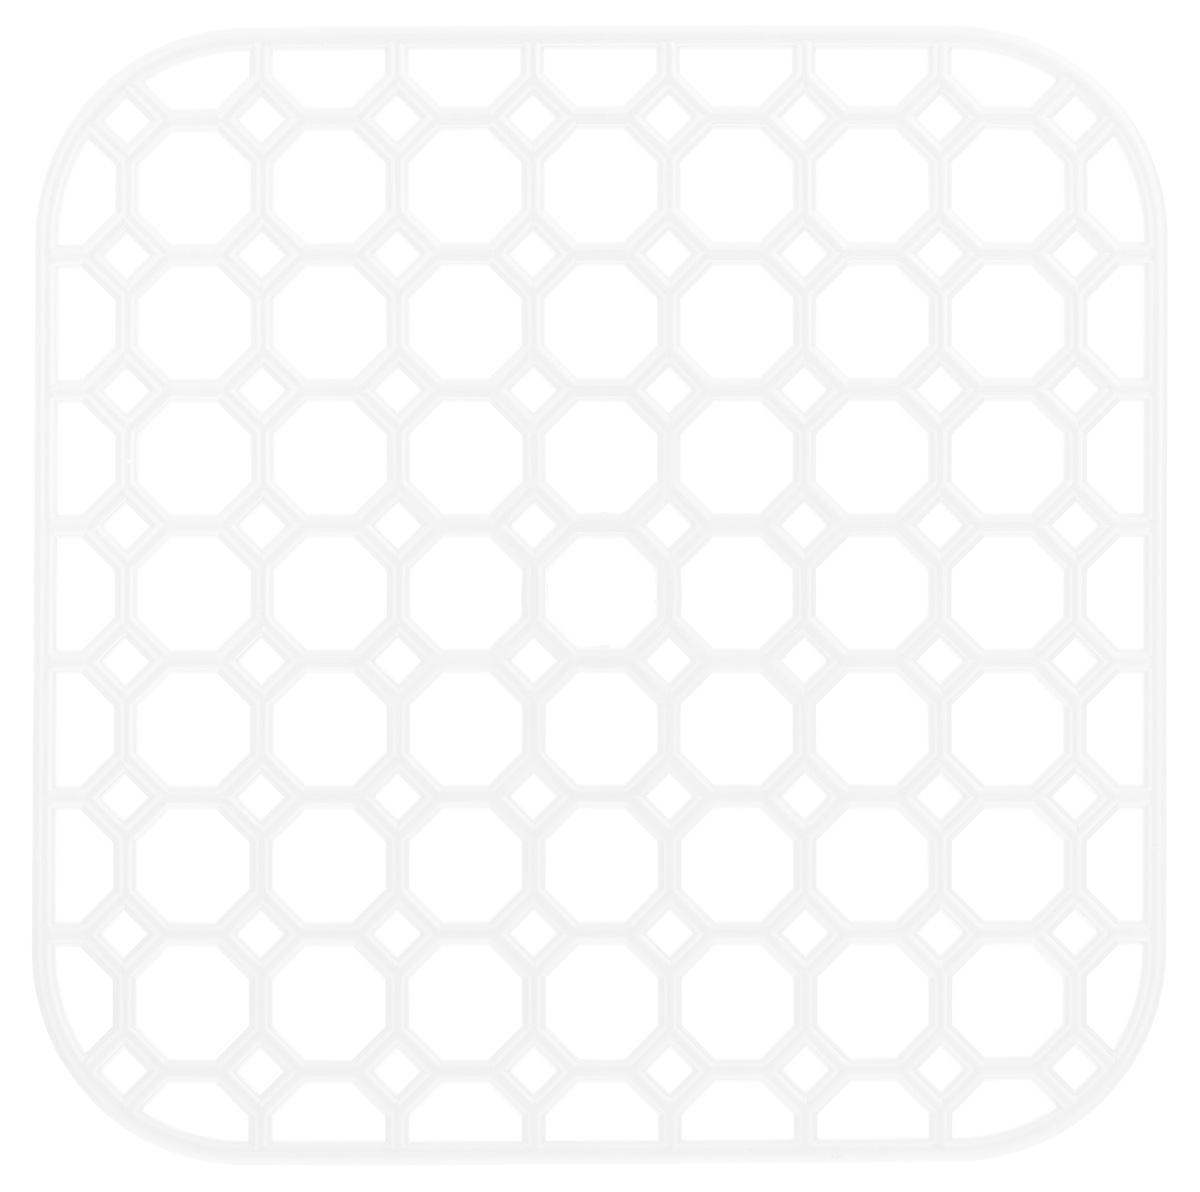 Коврик для раковины Idea, цвет: белый, 26 см х 26 смМ 1150_белыйСтильный и удобный коврик для раковины Idea выполнен из высококачественного прочного полипропилена. Он одновременно выполняет несколько функций: украшает, предотвращает появление на раковине царапин и сколов, защищает посуду от повреждений при падении в раковину, удерживает мусор, попадание которого в слив приводит к засорам. Изделие также может использоваться в качестве подставки для сушки чистой посуды. Легко очищается от грязи и жира.